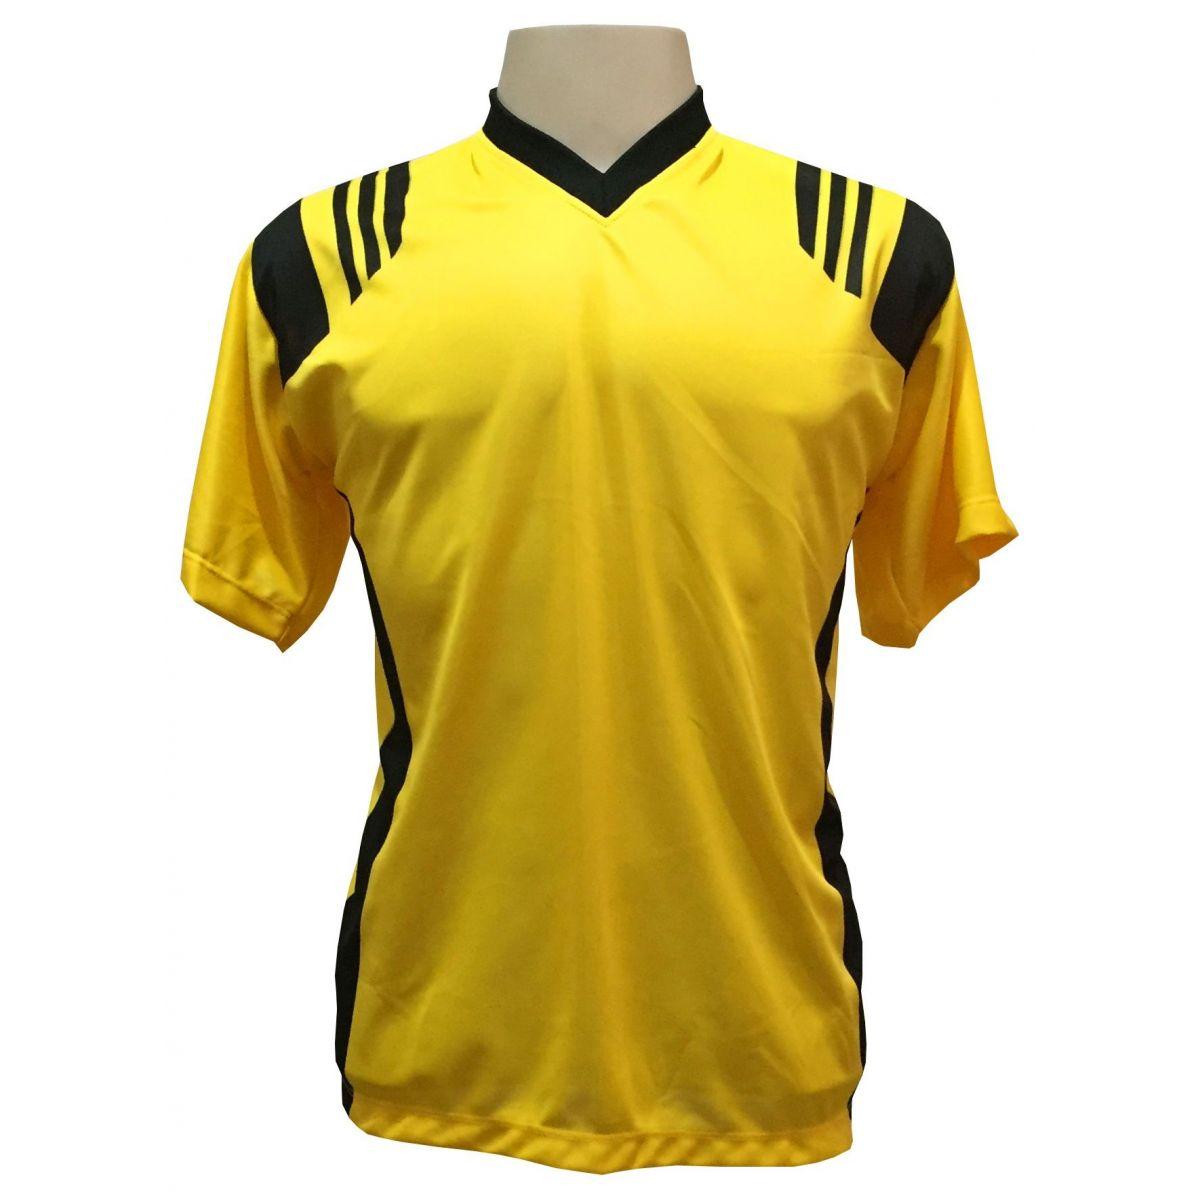 Uniforme Esportivo com 18 camisas modelo Roma Amarelo/Preto + 18 calções modelo Madrid + 1 Goleiro + Brindes